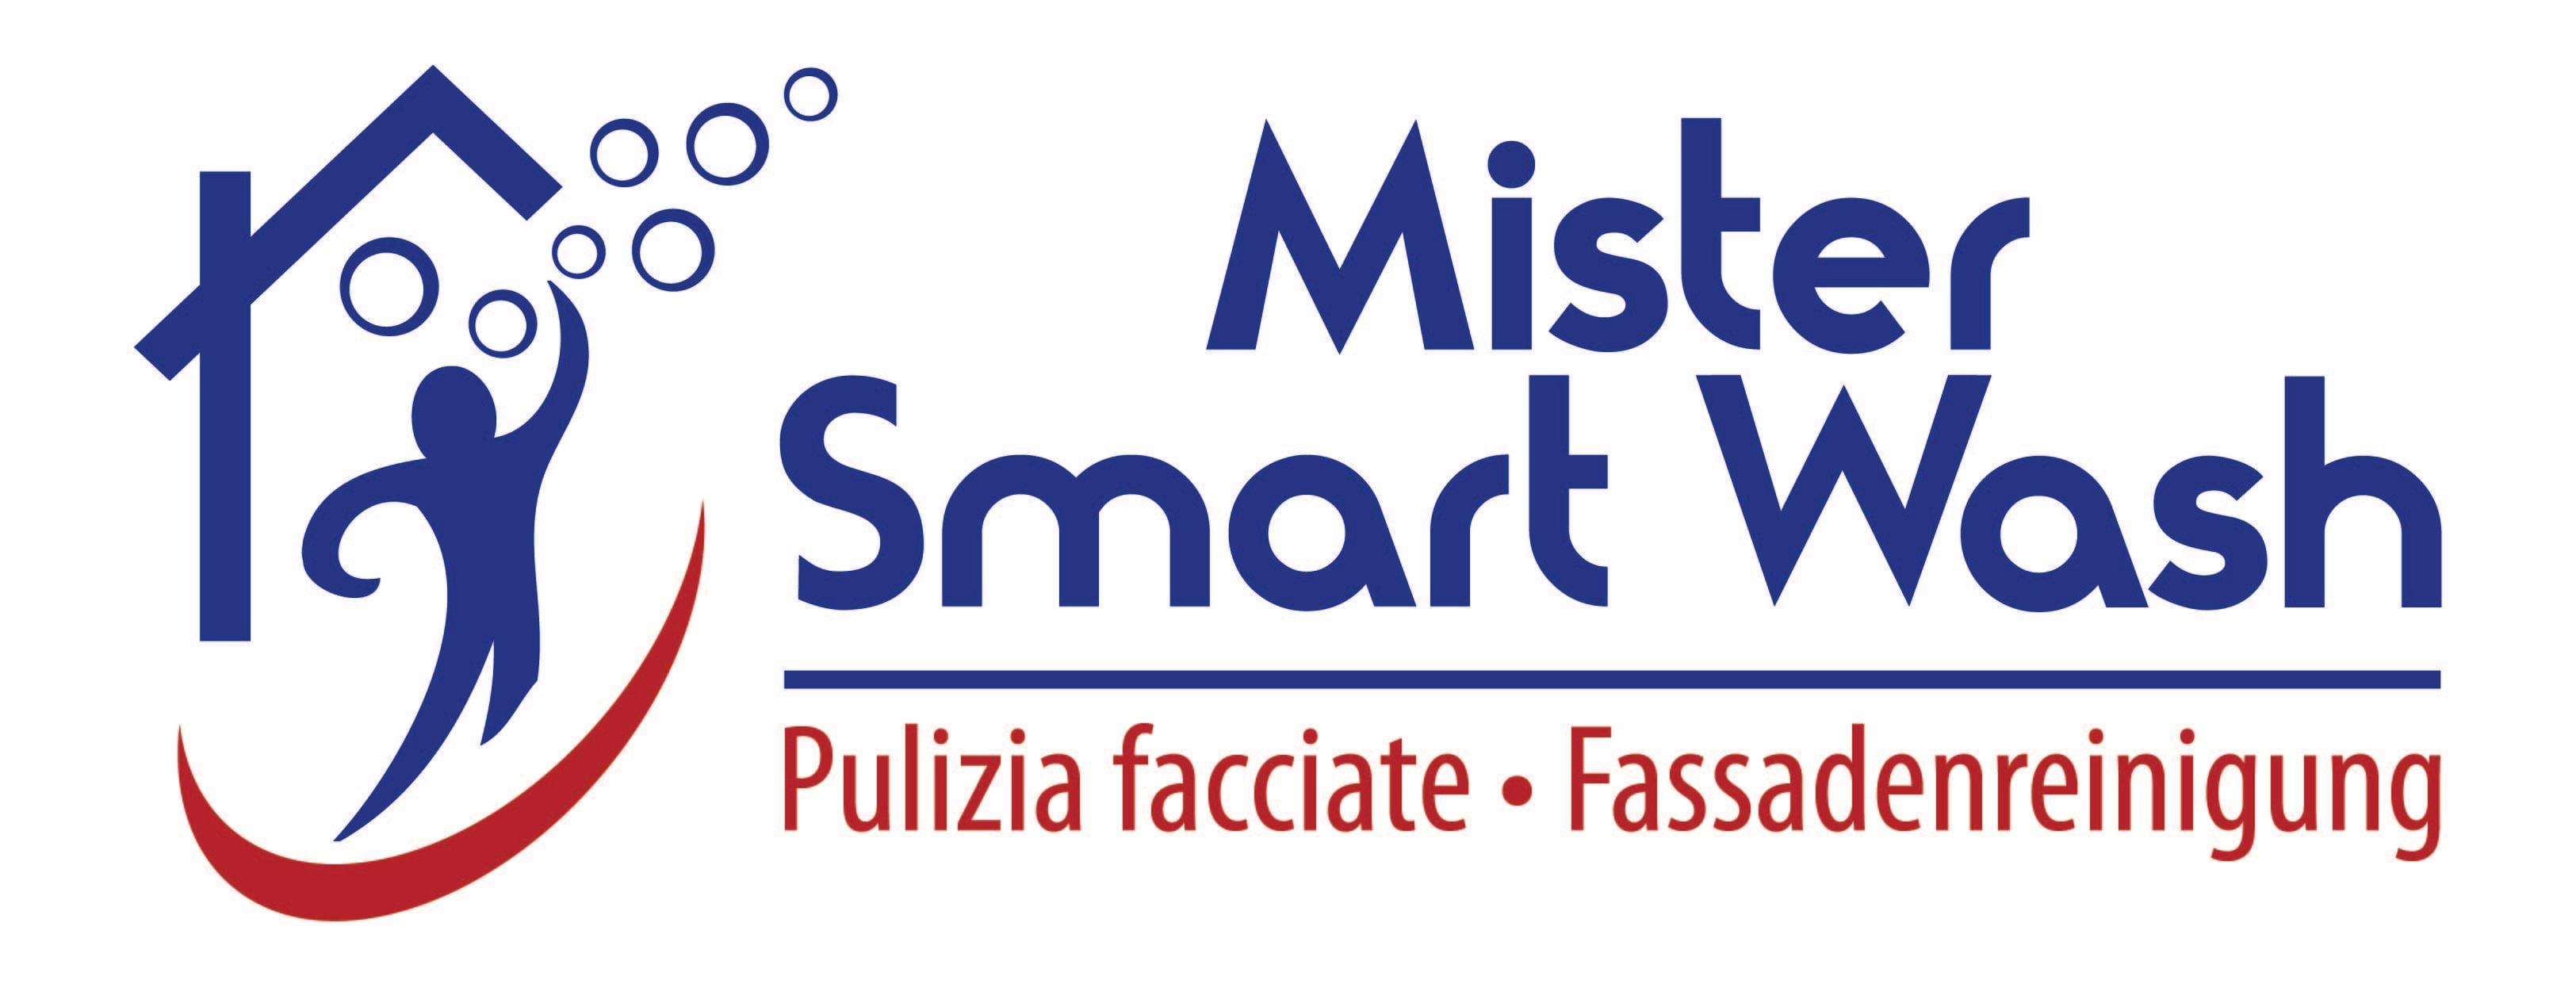 Mister Smart Wash Pulizia Facciate / Fassadenreinigung